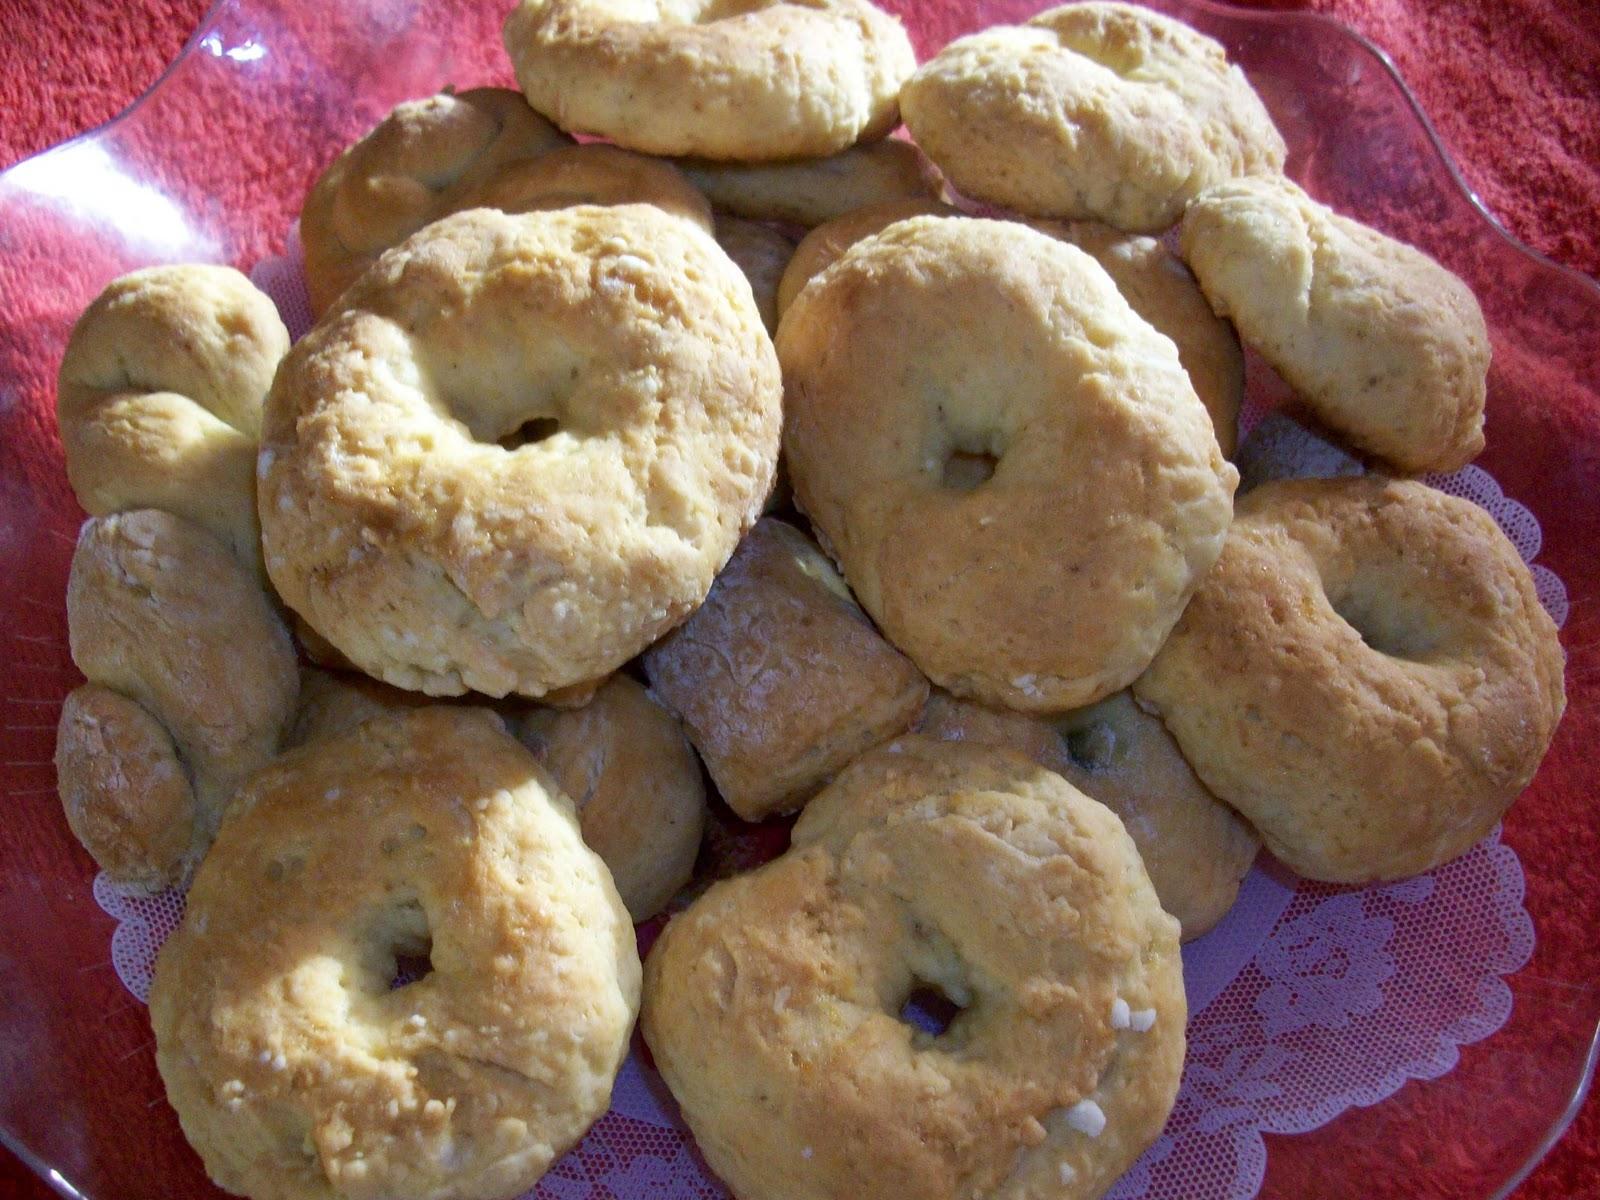 Molto Un po' dolce e un po' salato. . .: Biscotti leggeri allo yogurt KE79